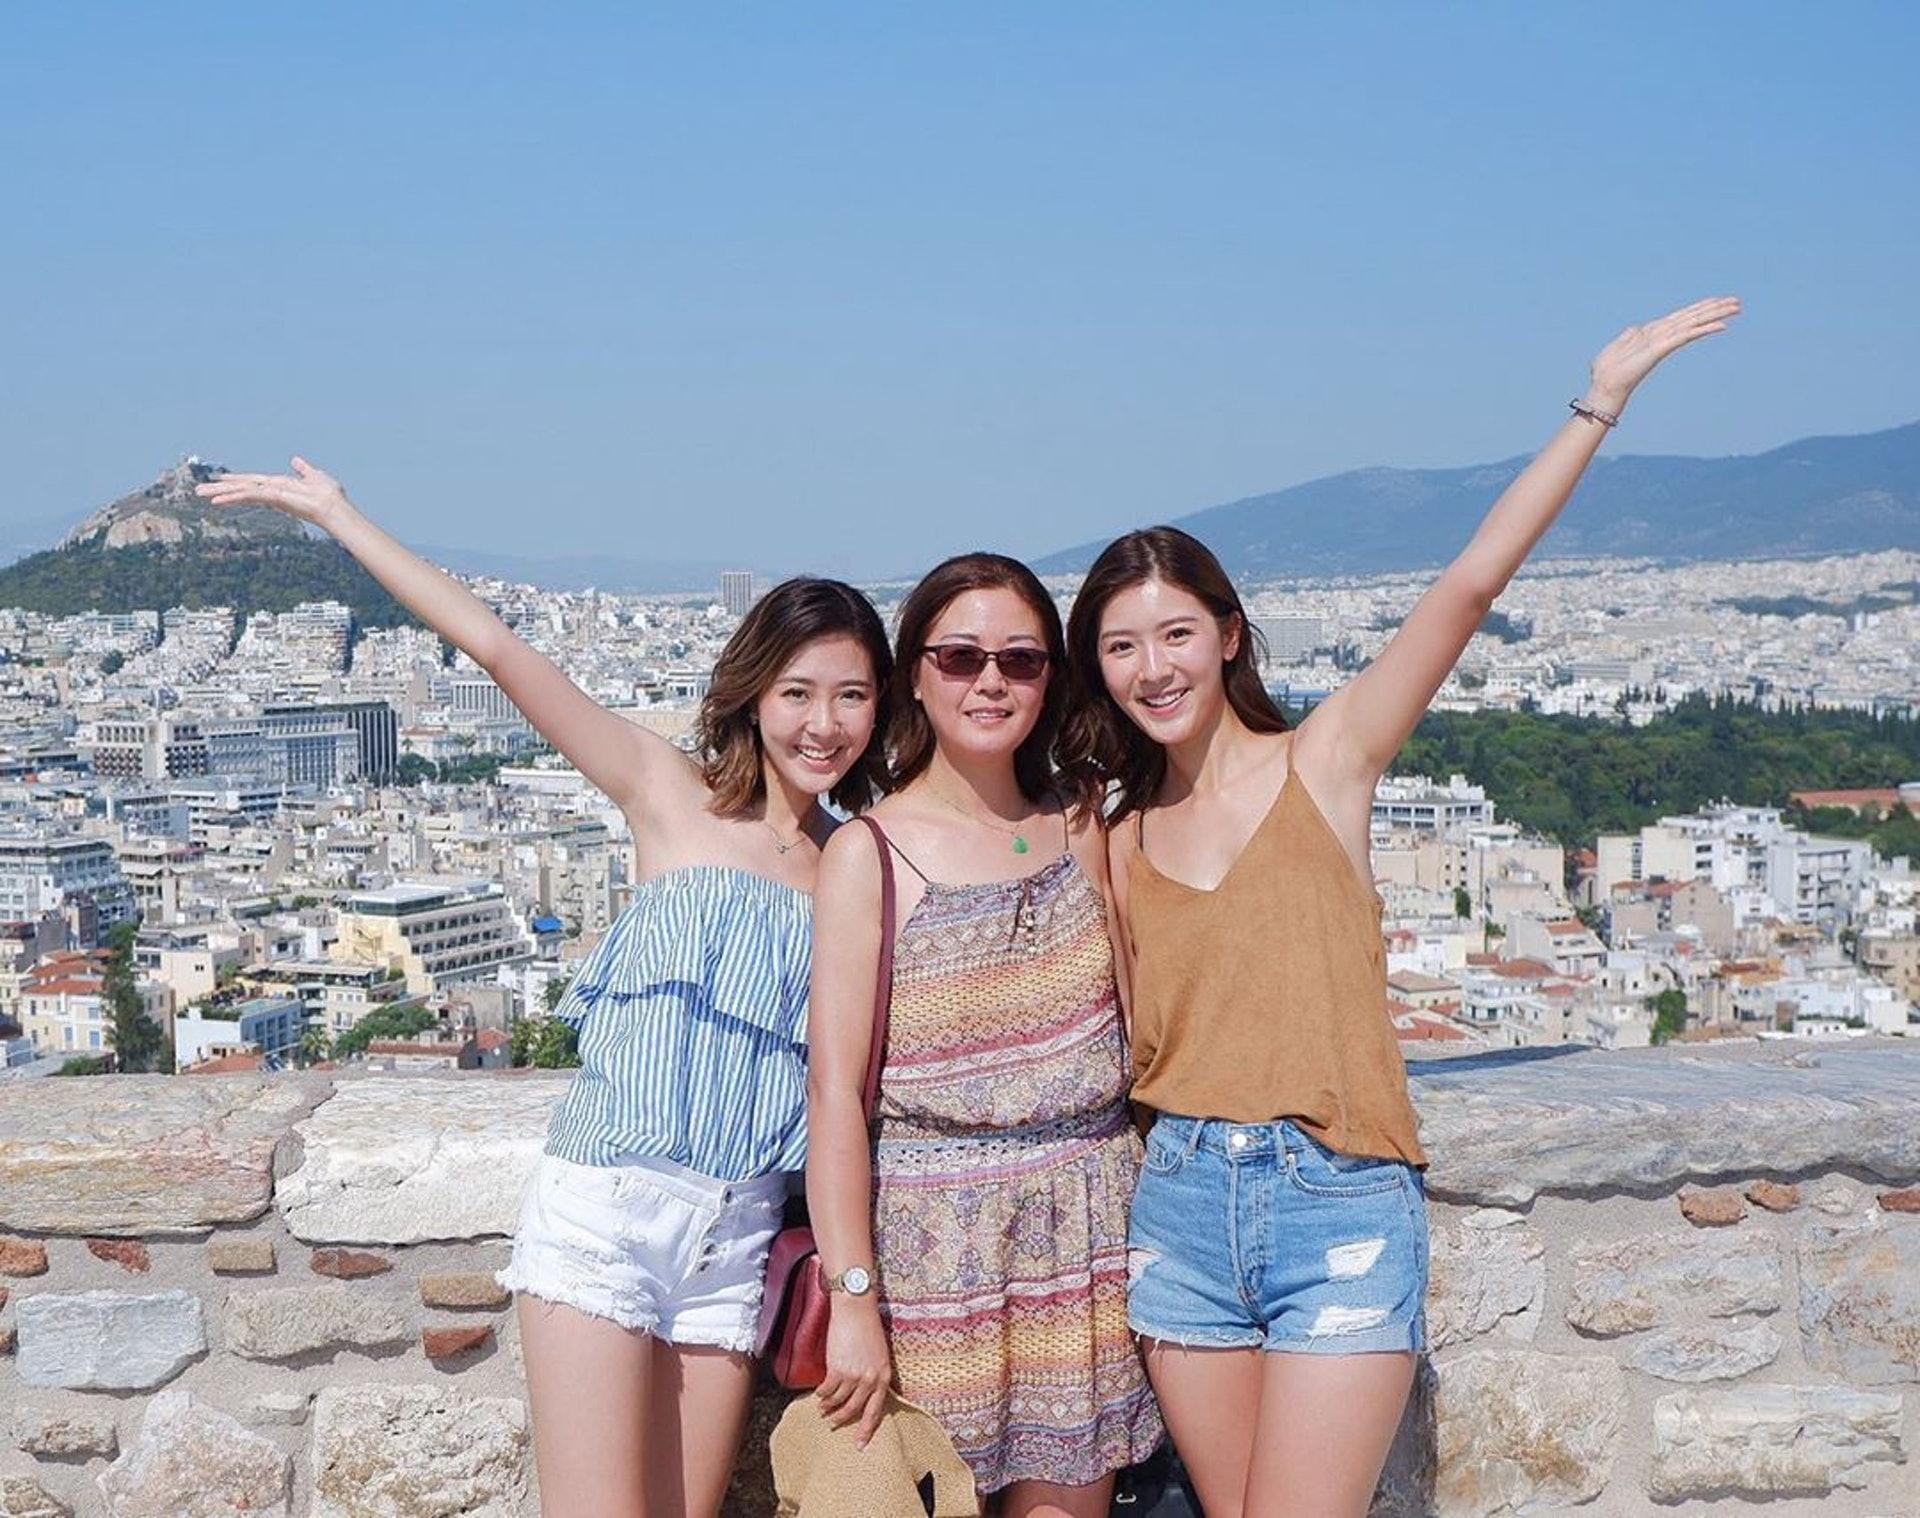 余媽媽、余香凝(Jennifer)、余潔滢(Zoe)三母女去了希臘慶生。(IG圖片 / zoe_yuying)